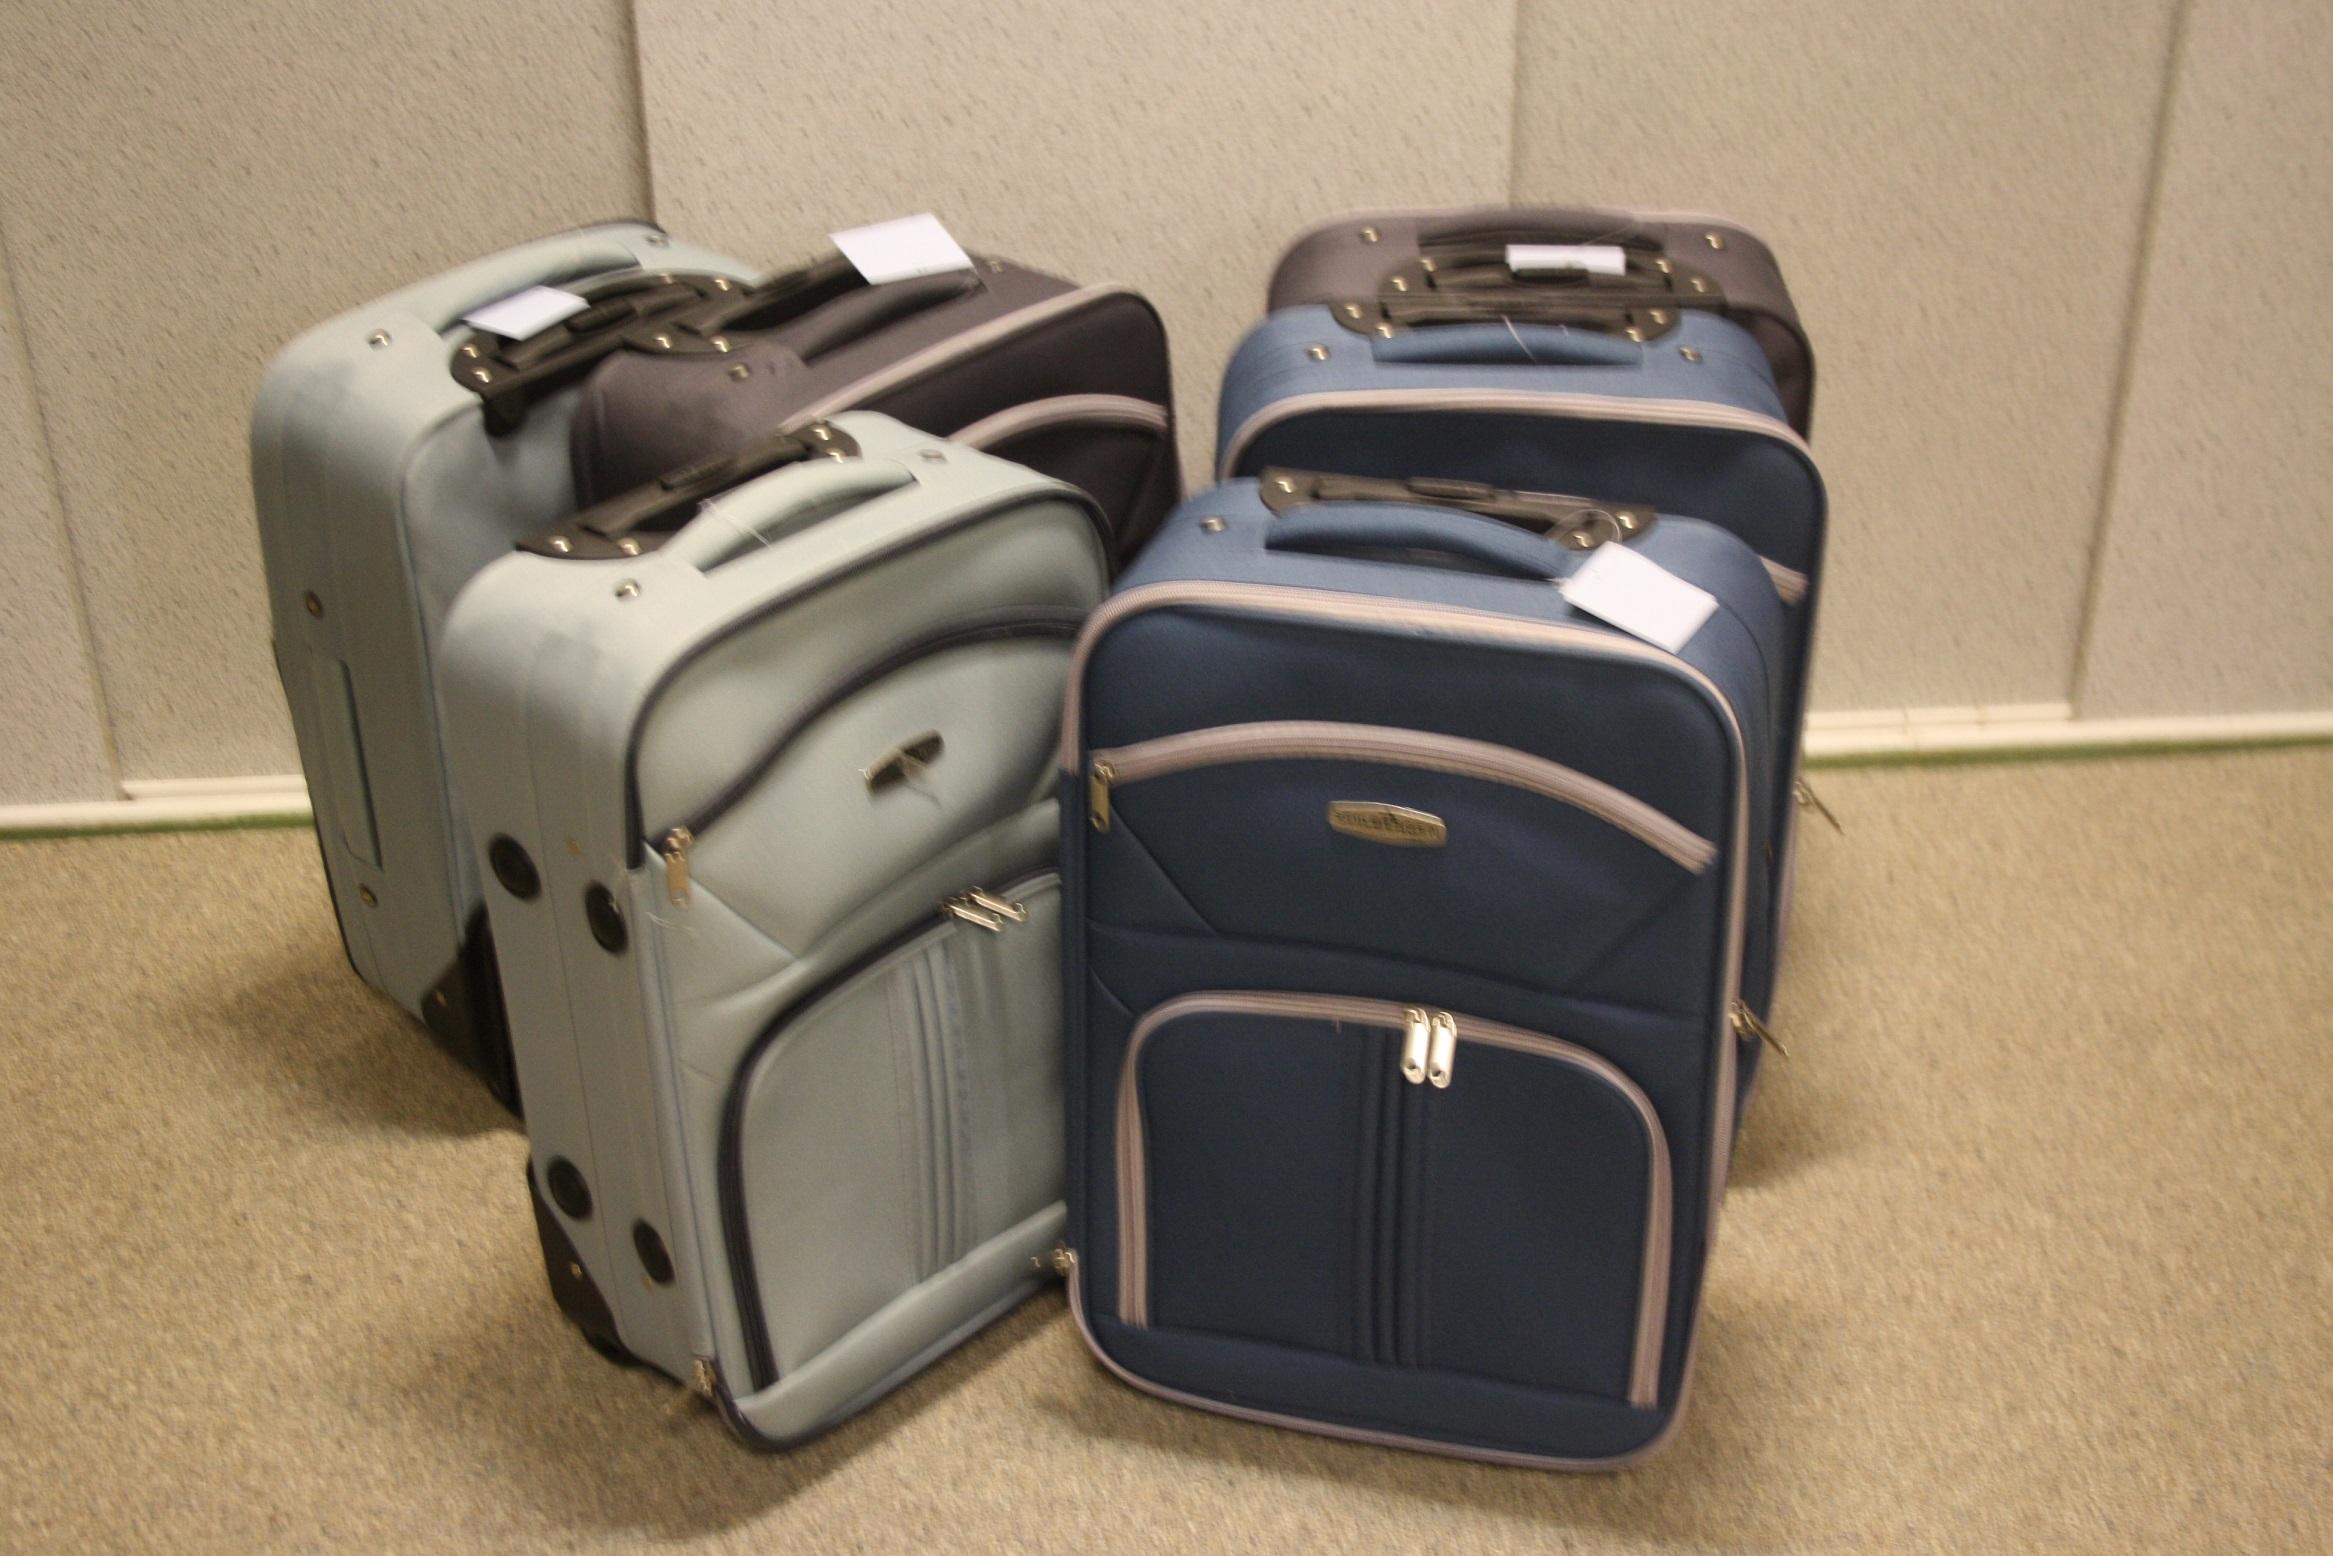 953c935f19b AKTIE!!! Handbagage Leonardo-spilbergen-spec NU rood-zwart-blauw ...